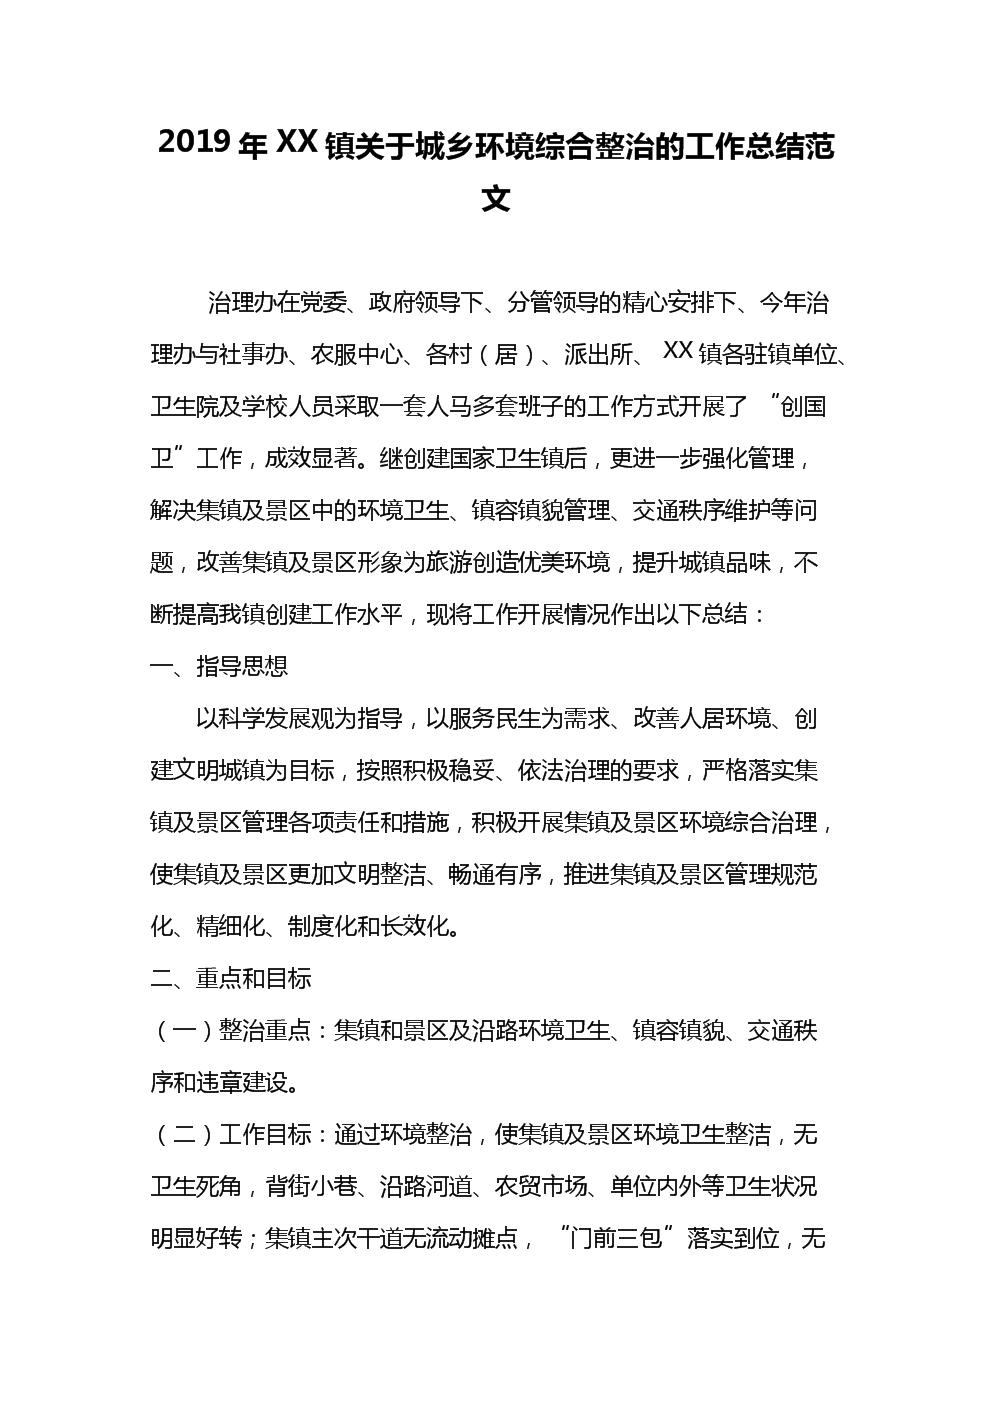 2019年XX镇关于城乡环境综合整治的工作总结范文.doc